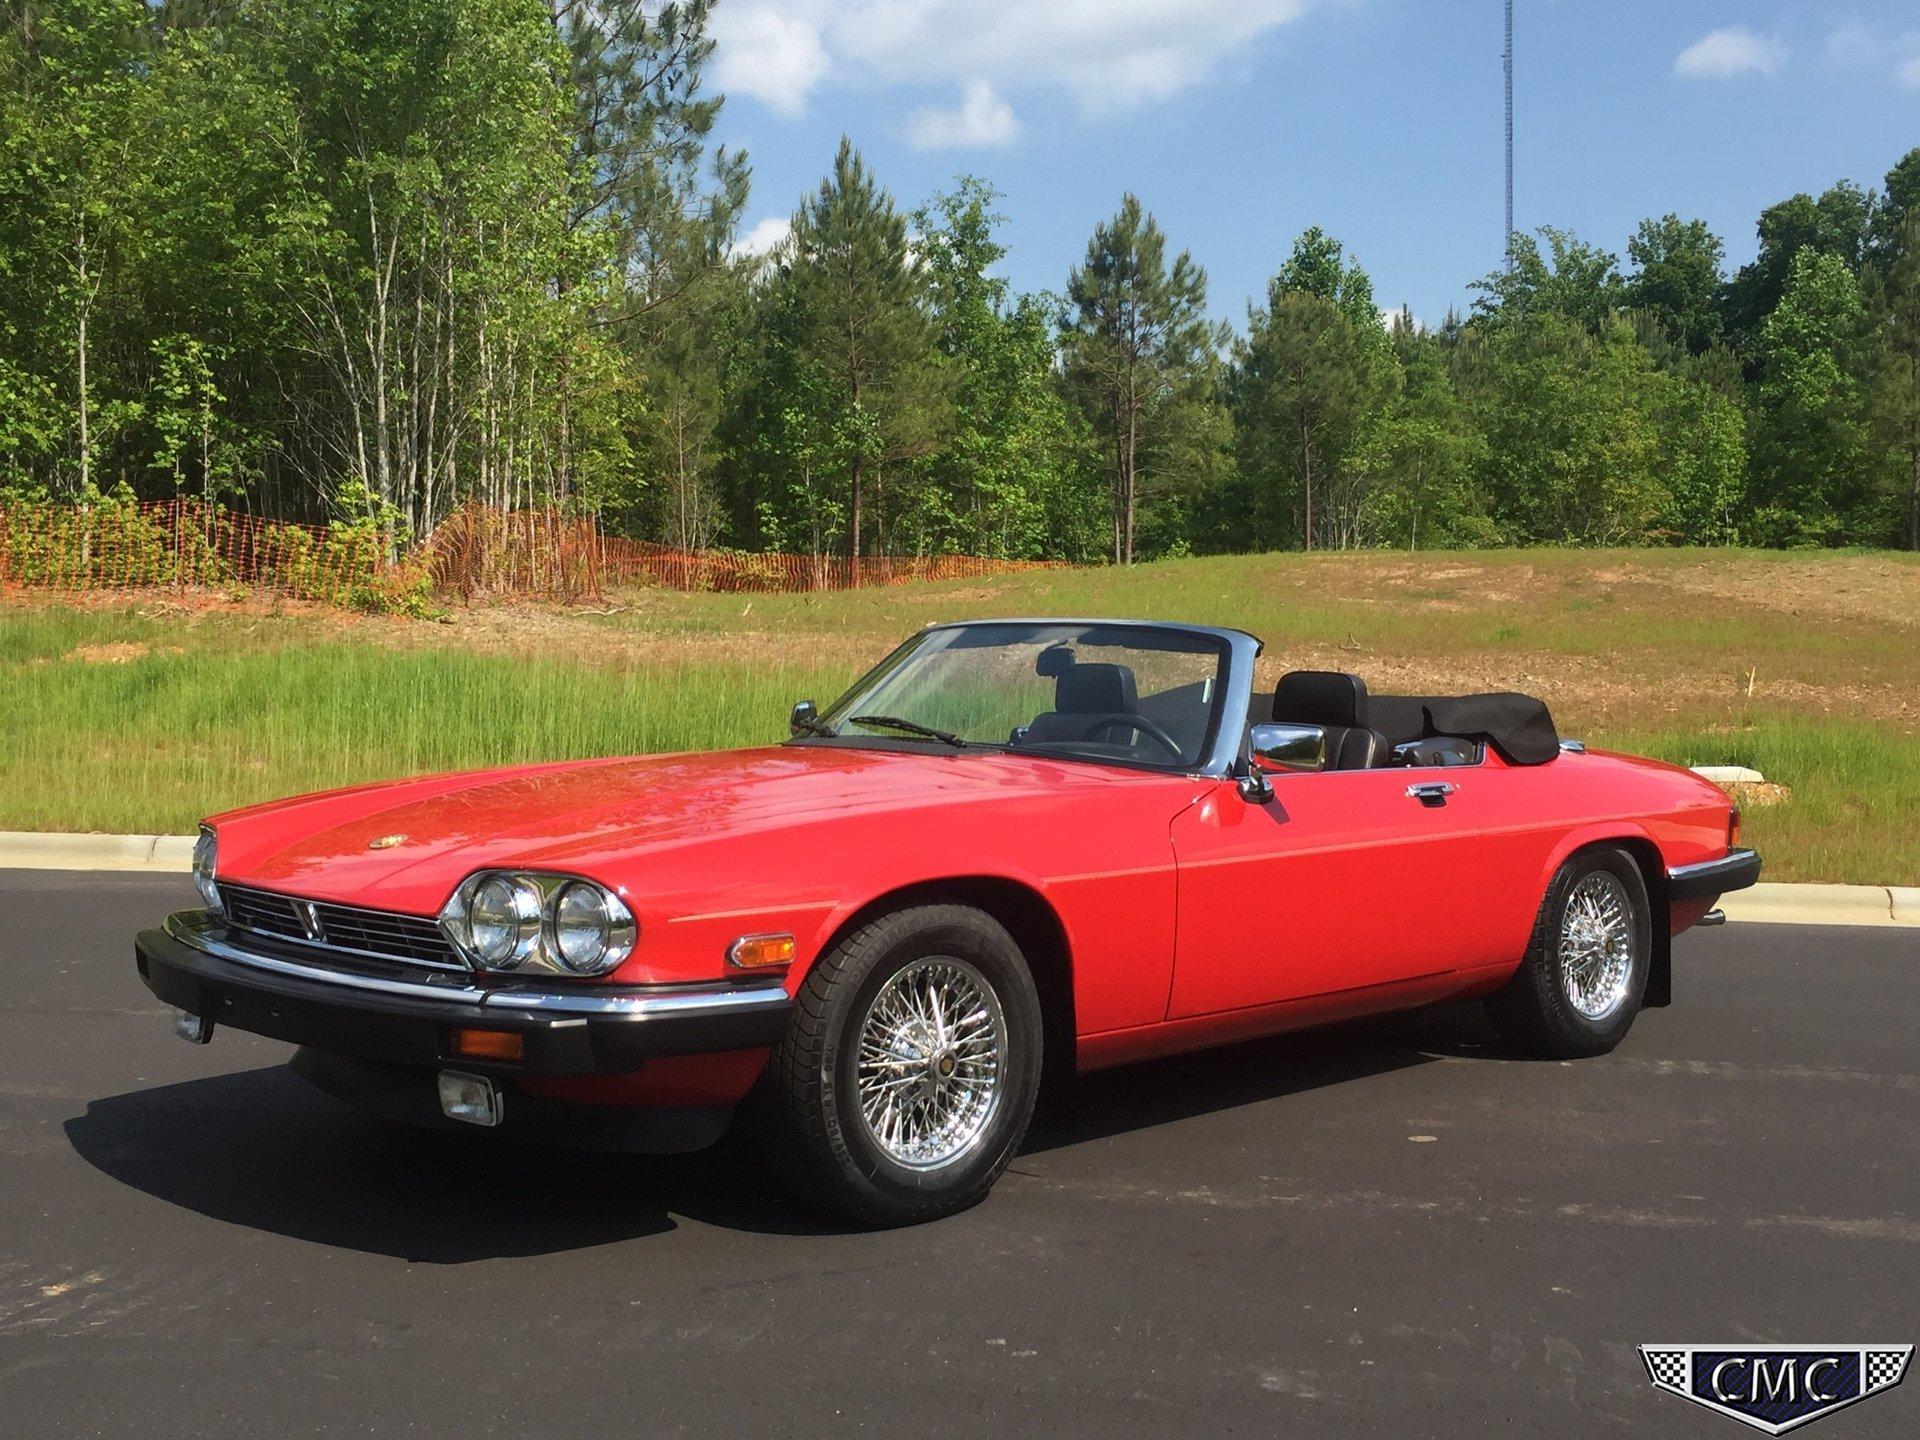 1990 Jaguar XJS | Carolina Muscle Cars Inc.